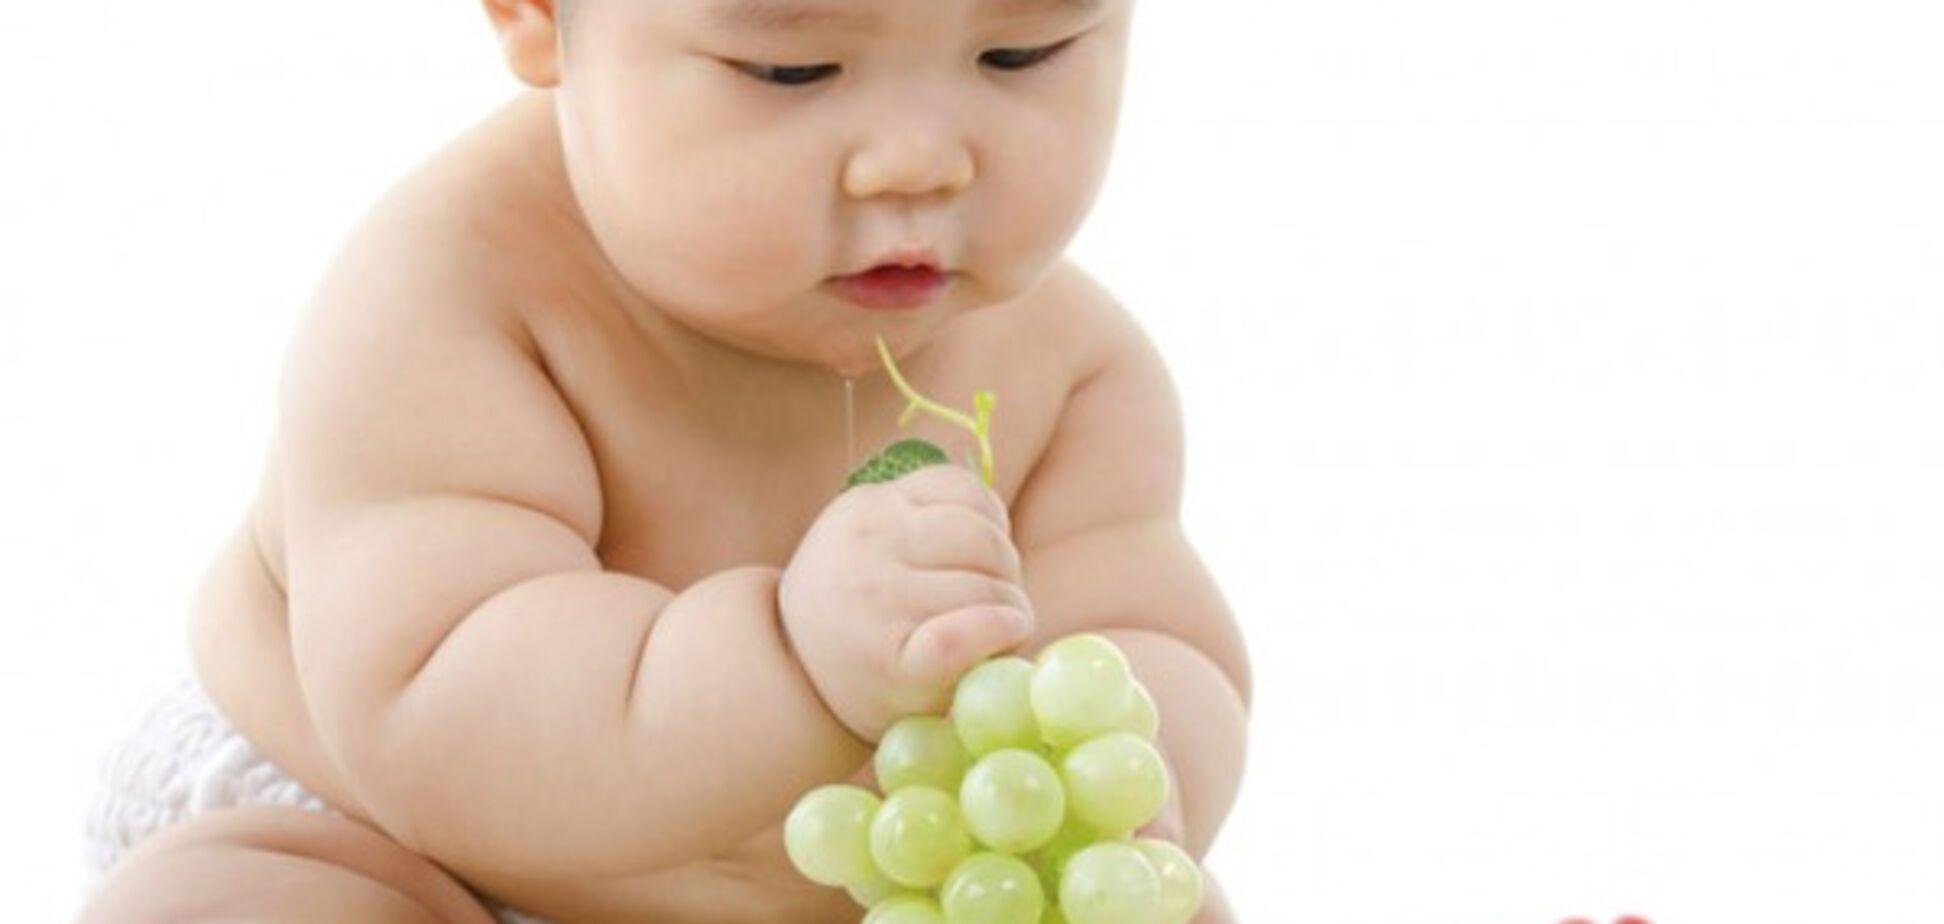 Ученые выяснили, как избыточный вес в детстве влияет на здоровье ребенка в будущем